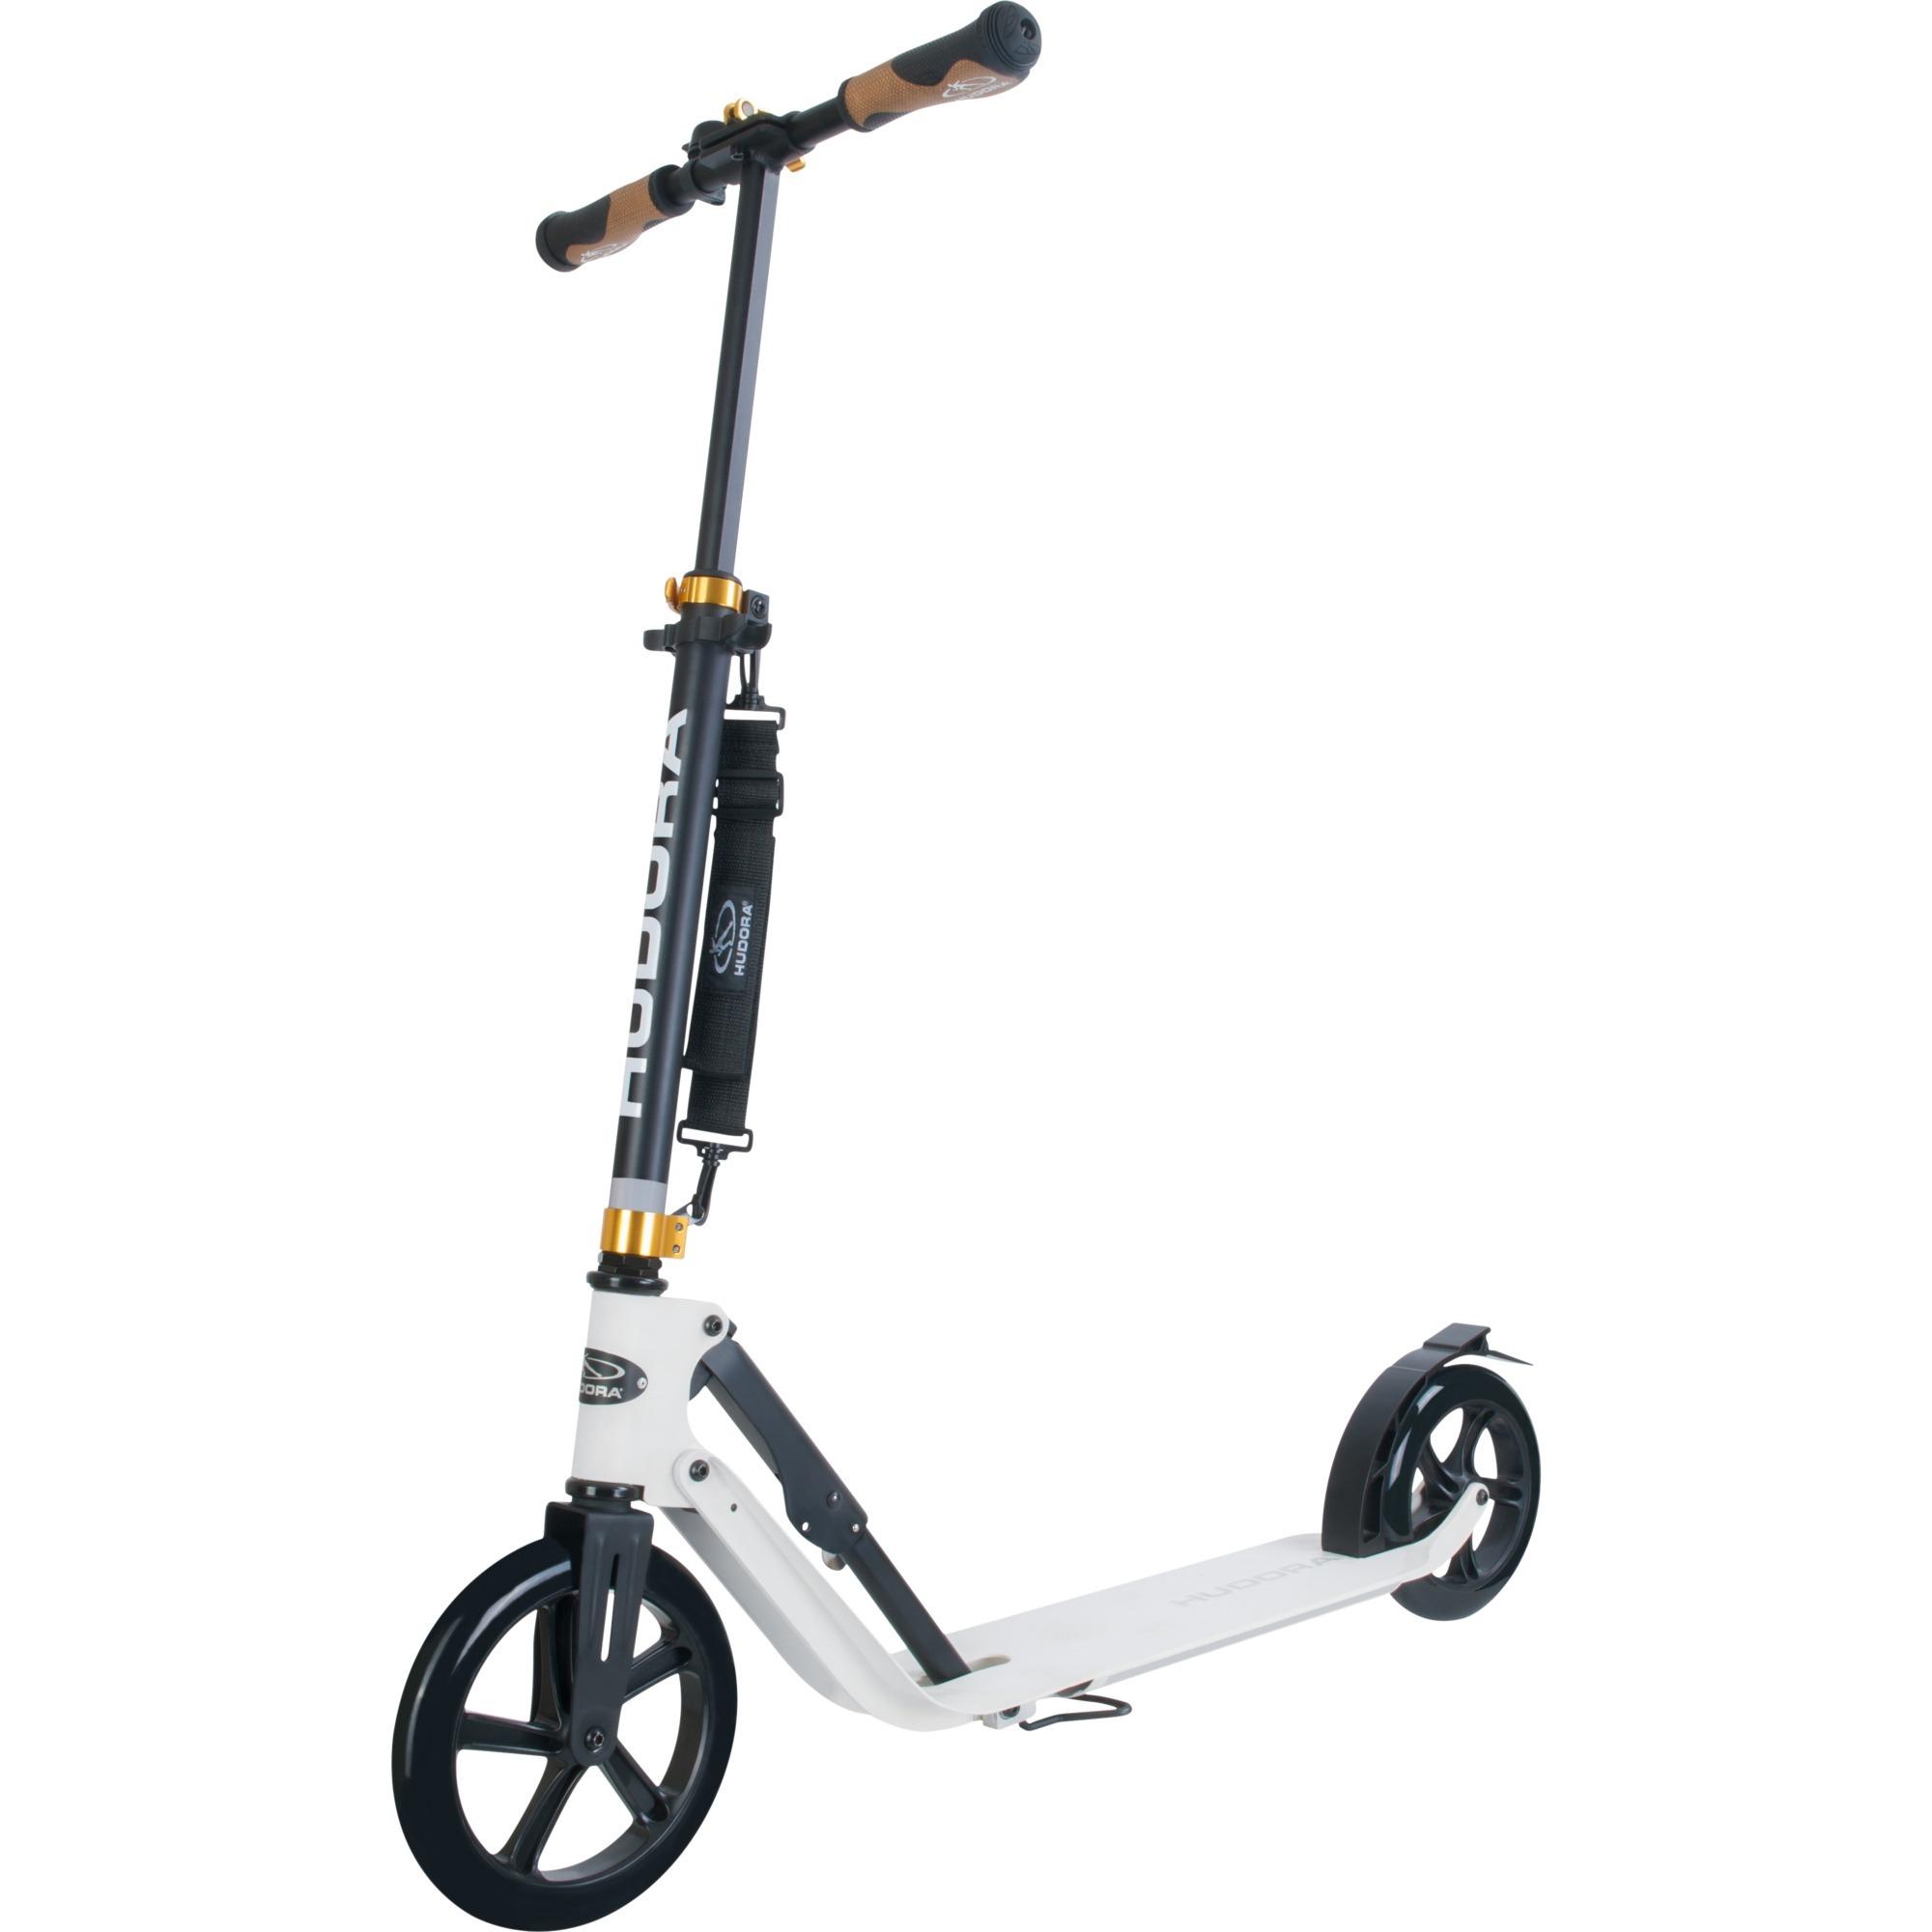 14236 scooter Adultos Negro, Blanco, Vespa